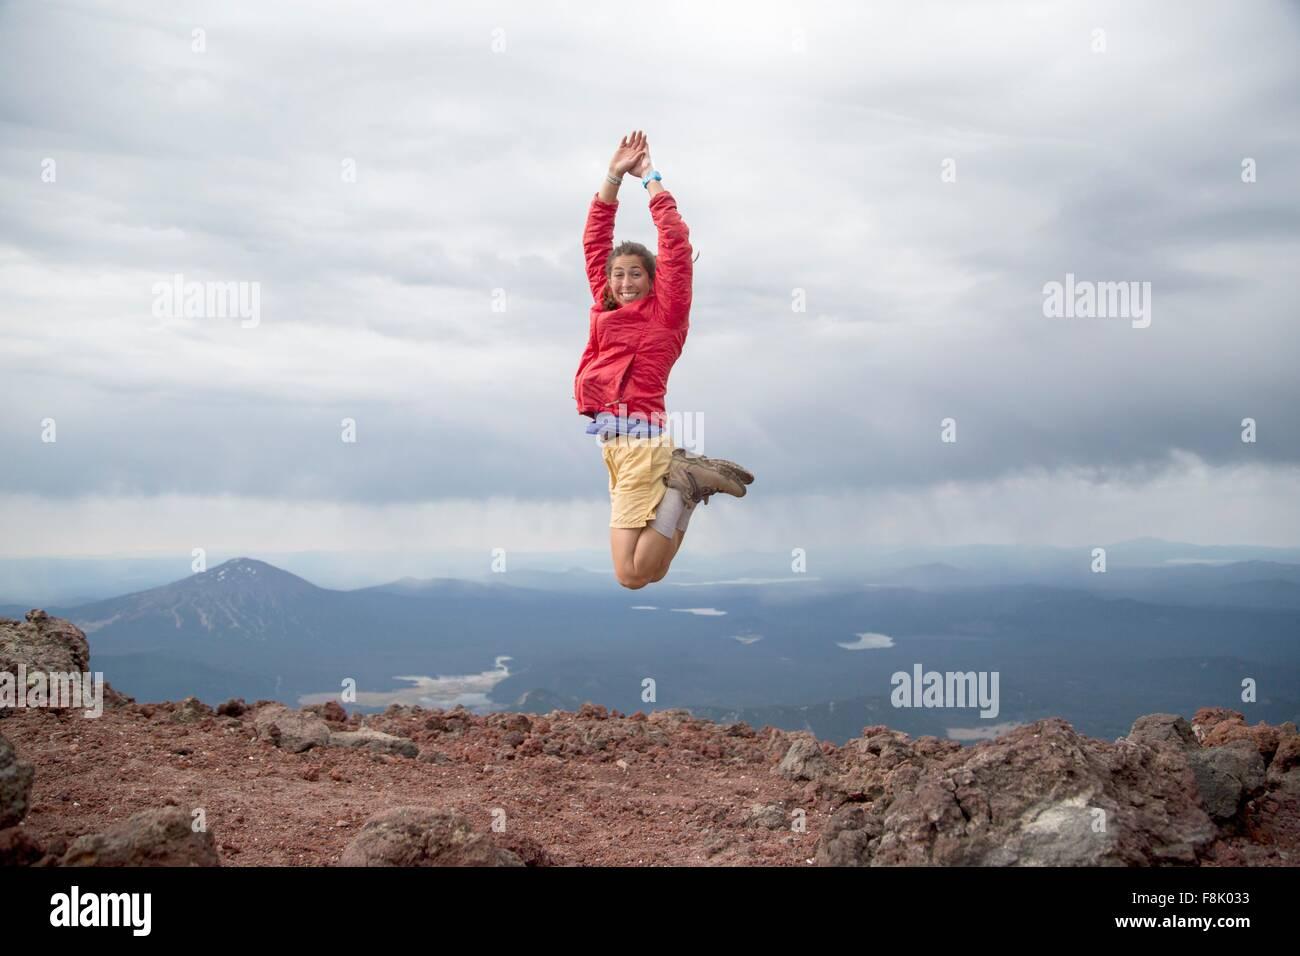 Mujer joven salta de alegría en la cumbre del volcán, hermana de South Bend, Oregon, EE.UU. Imagen De Stock